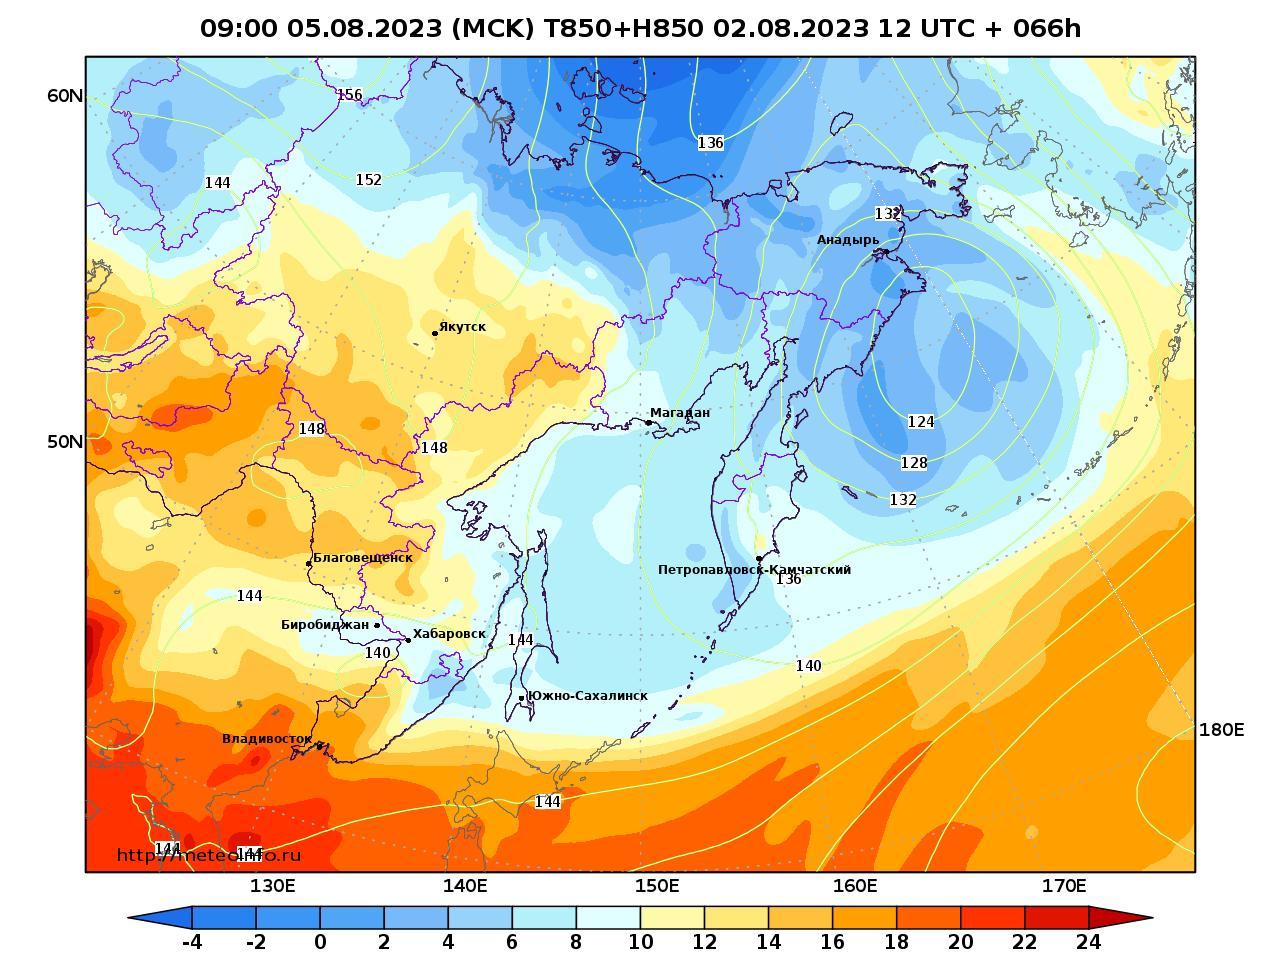 Дальний Восток, прогностическая карта температура T850 и геопотенциал H850, заблаговременность прогноза 66 часов